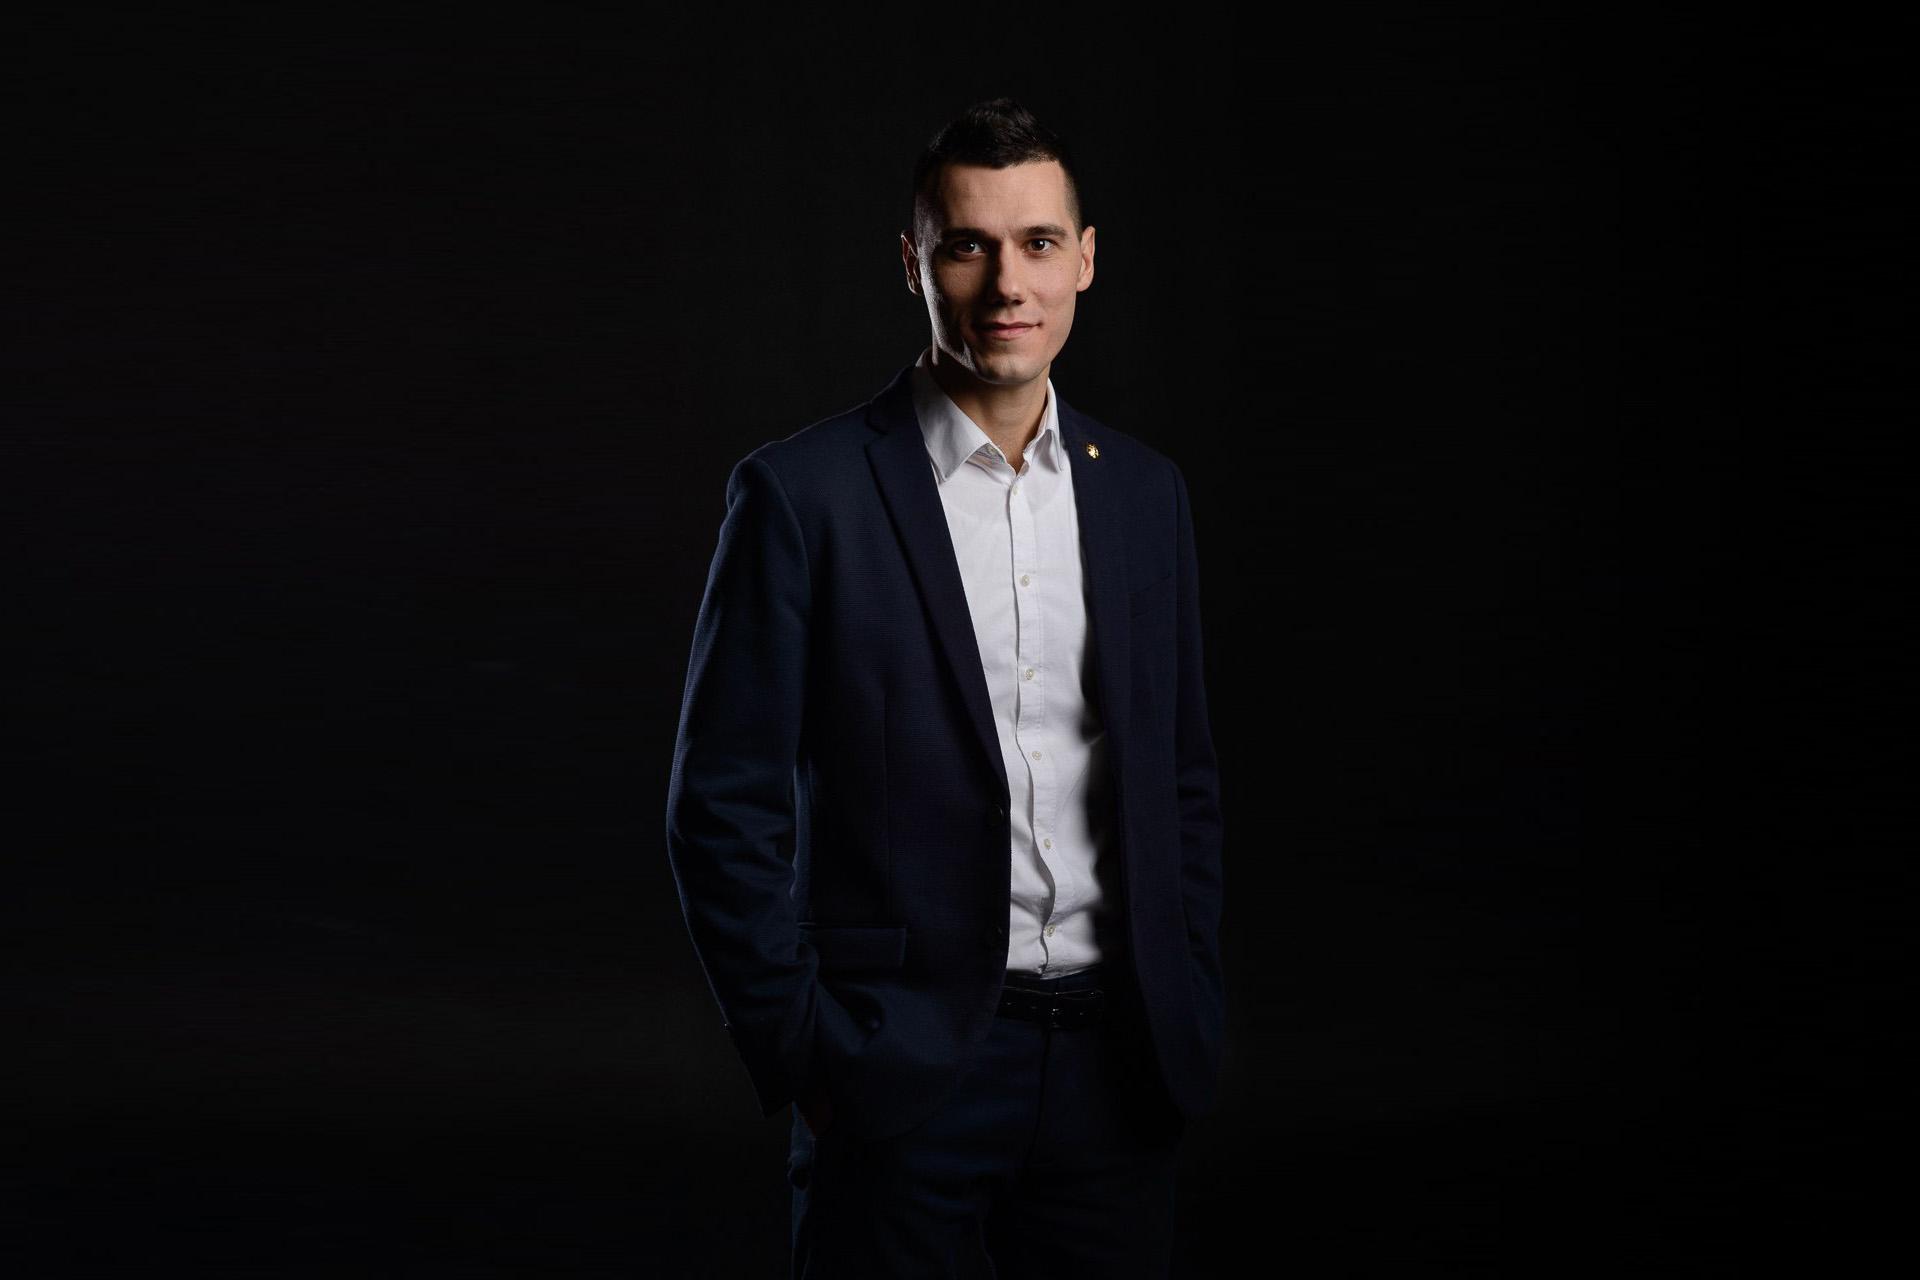 Олег Карнаух - основатель онлайн-университета Smart Business